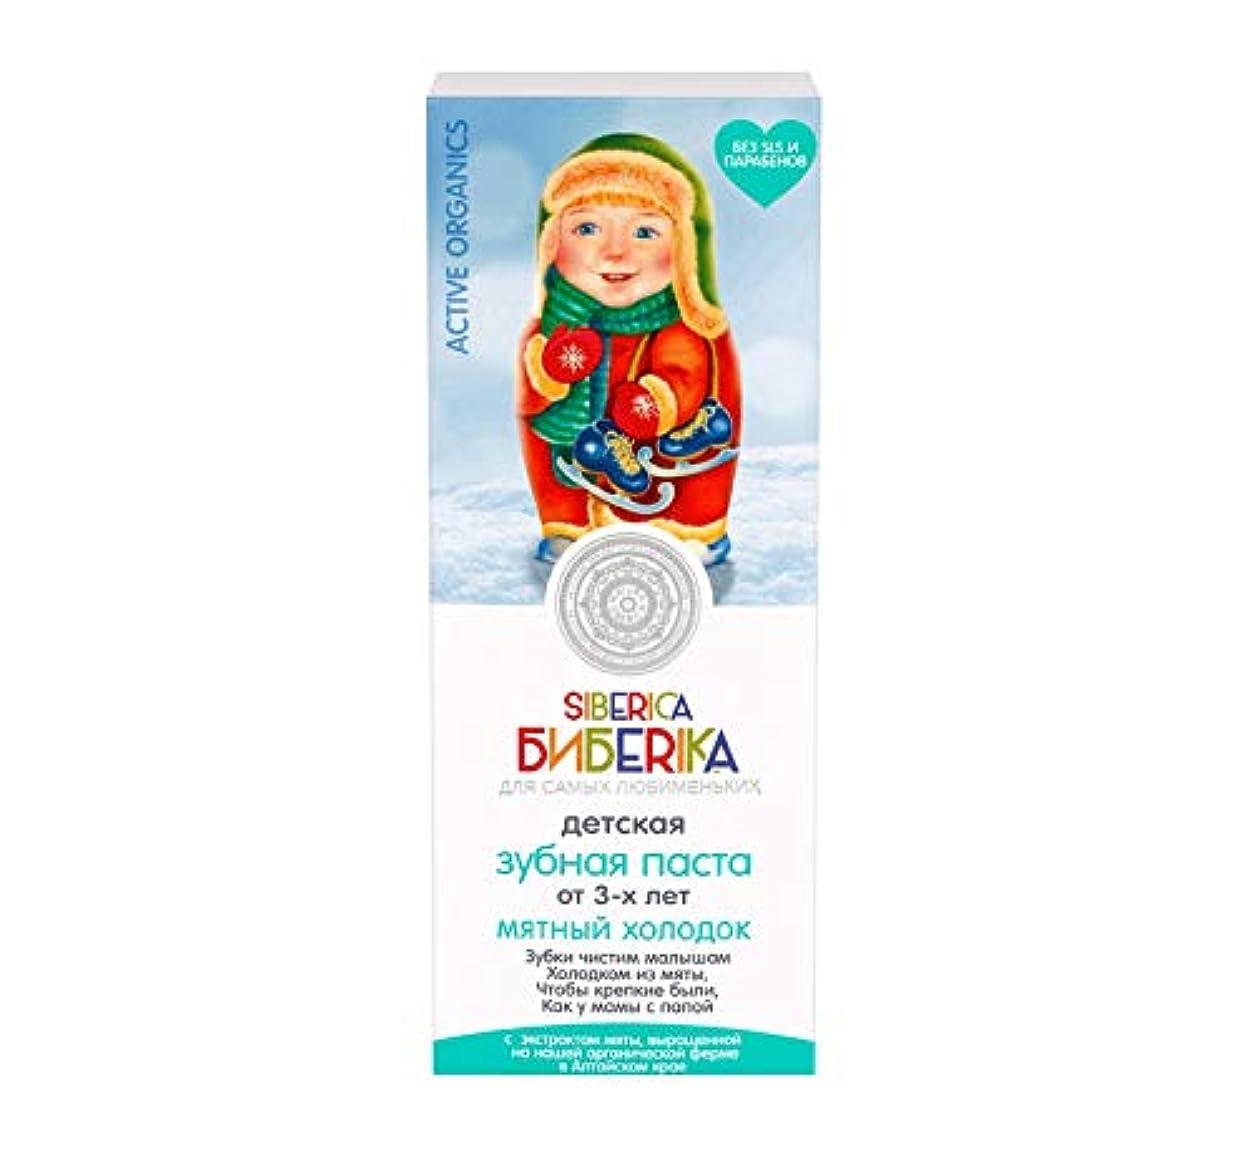 報復雪最愛のNATURA SIBERICA ナチュラシベリカ オーガニック ベビー用 歯磨き粉 50ml 対象年齢3歳~